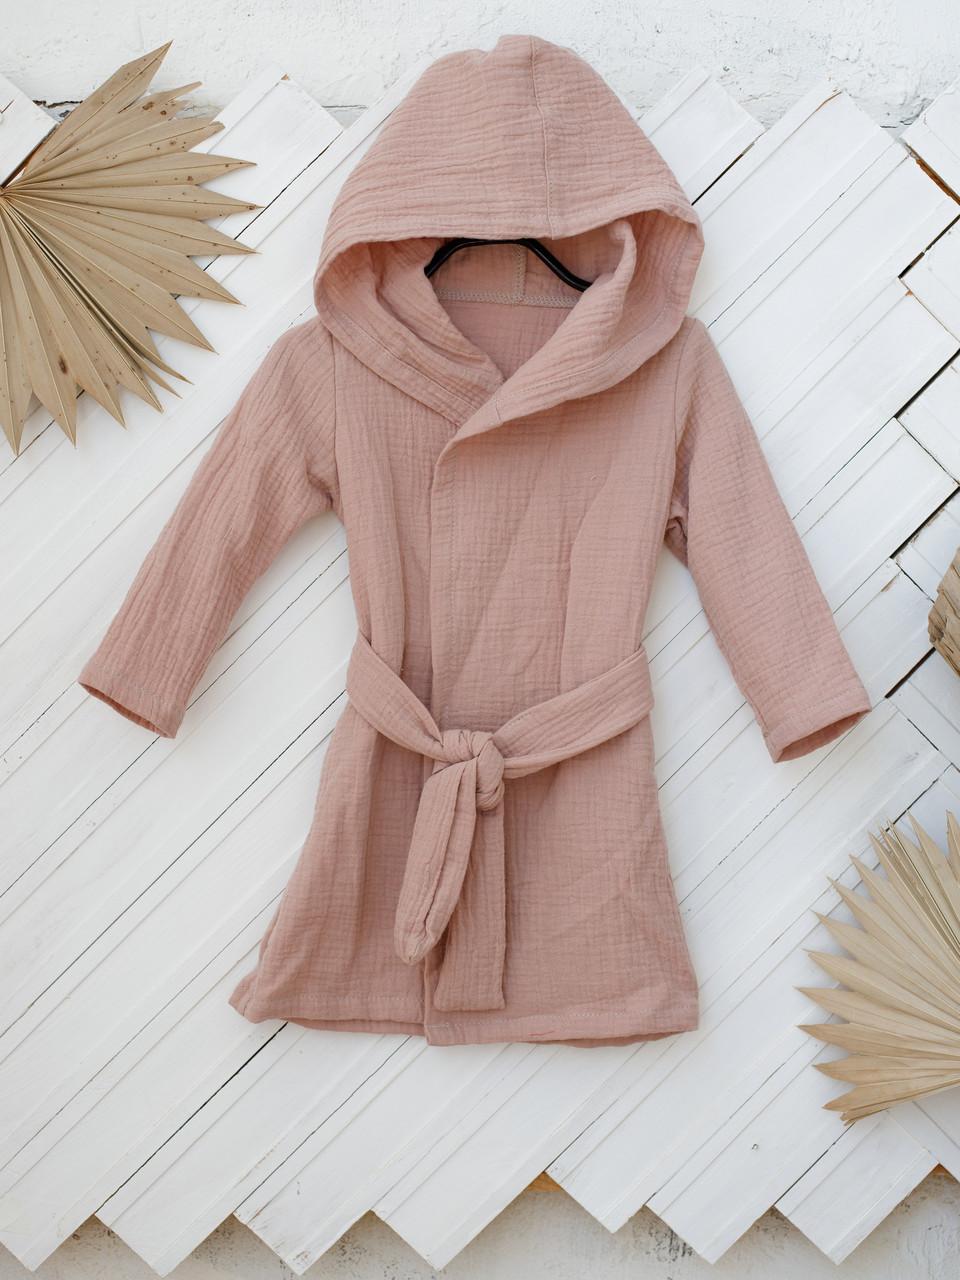 Муслиновый халат Soft, капучіно 98 (3 роки)